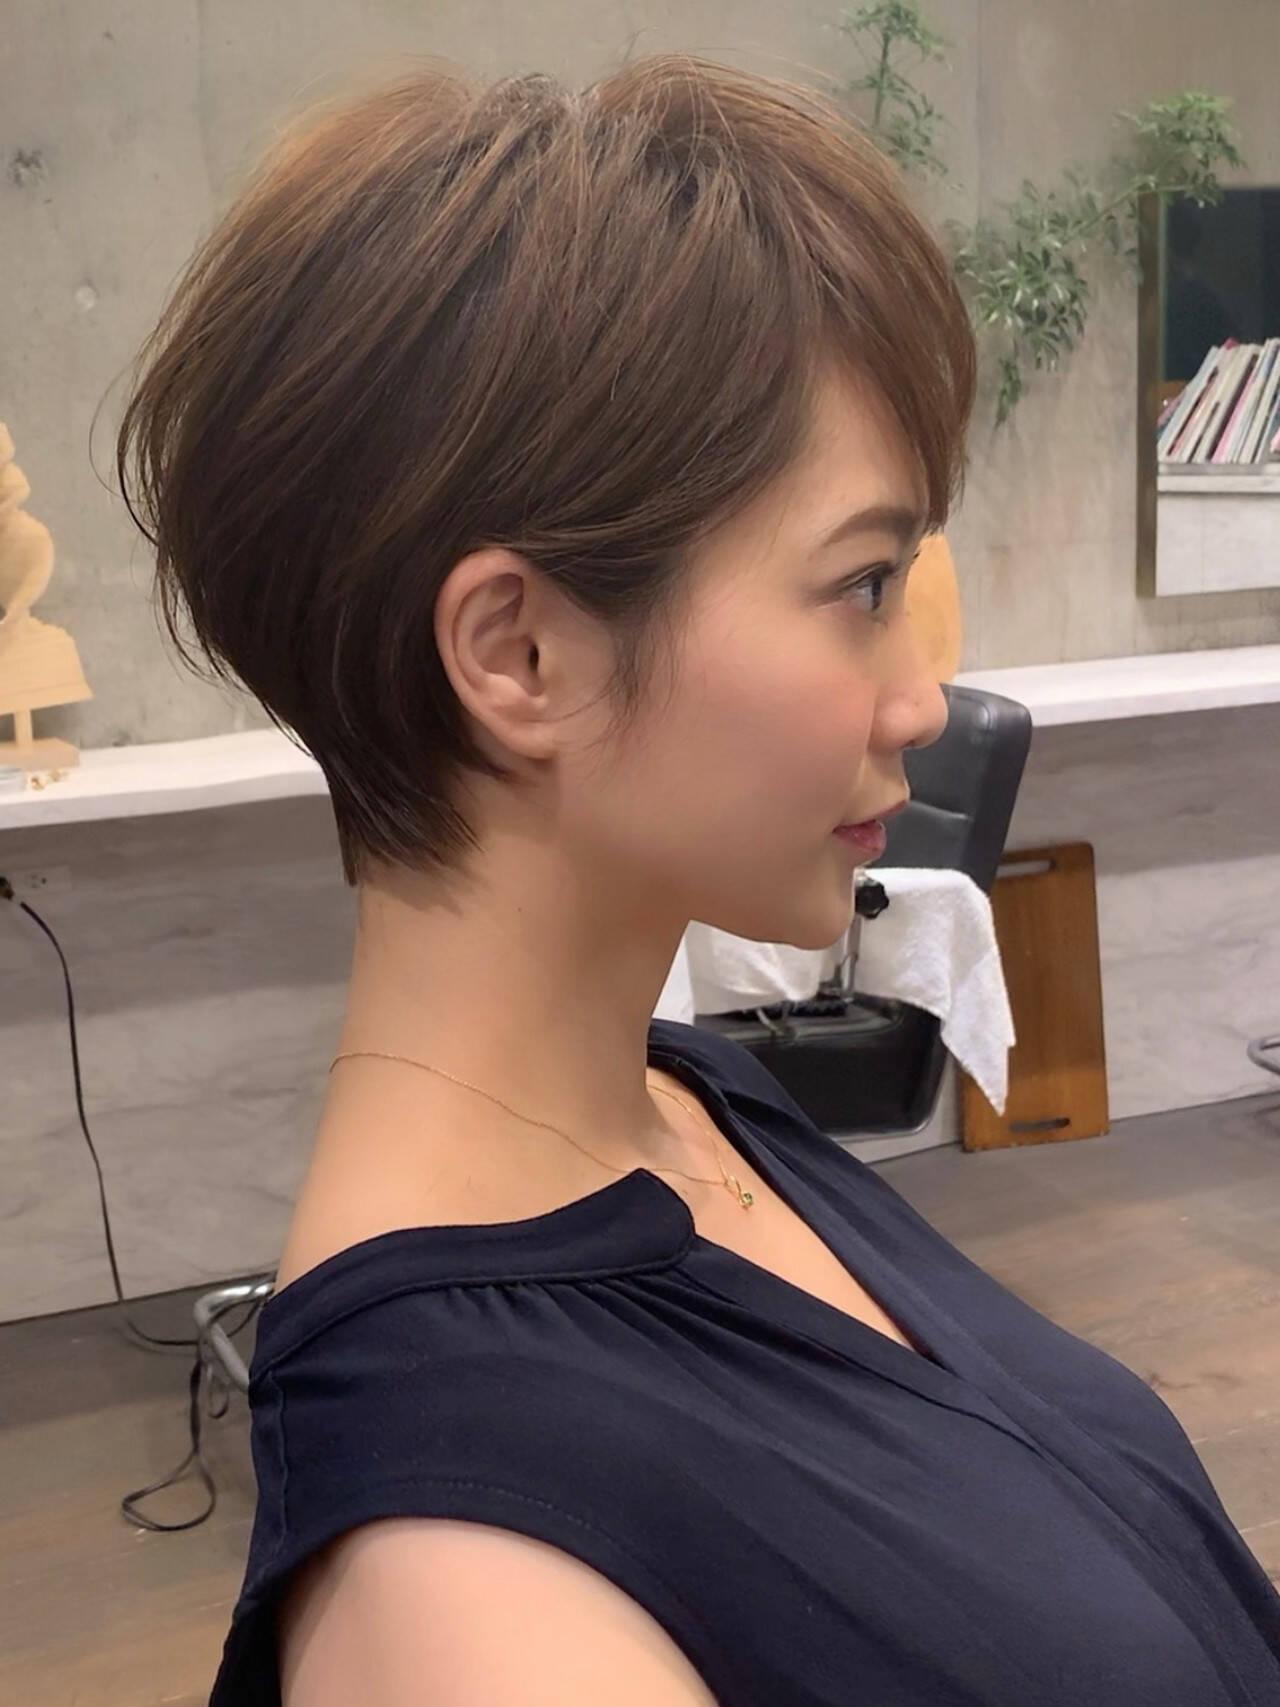 ヘアスタイル 吉瀬美智子 ショートボブ ショートヘアヘアスタイルや髪型の写真・画像